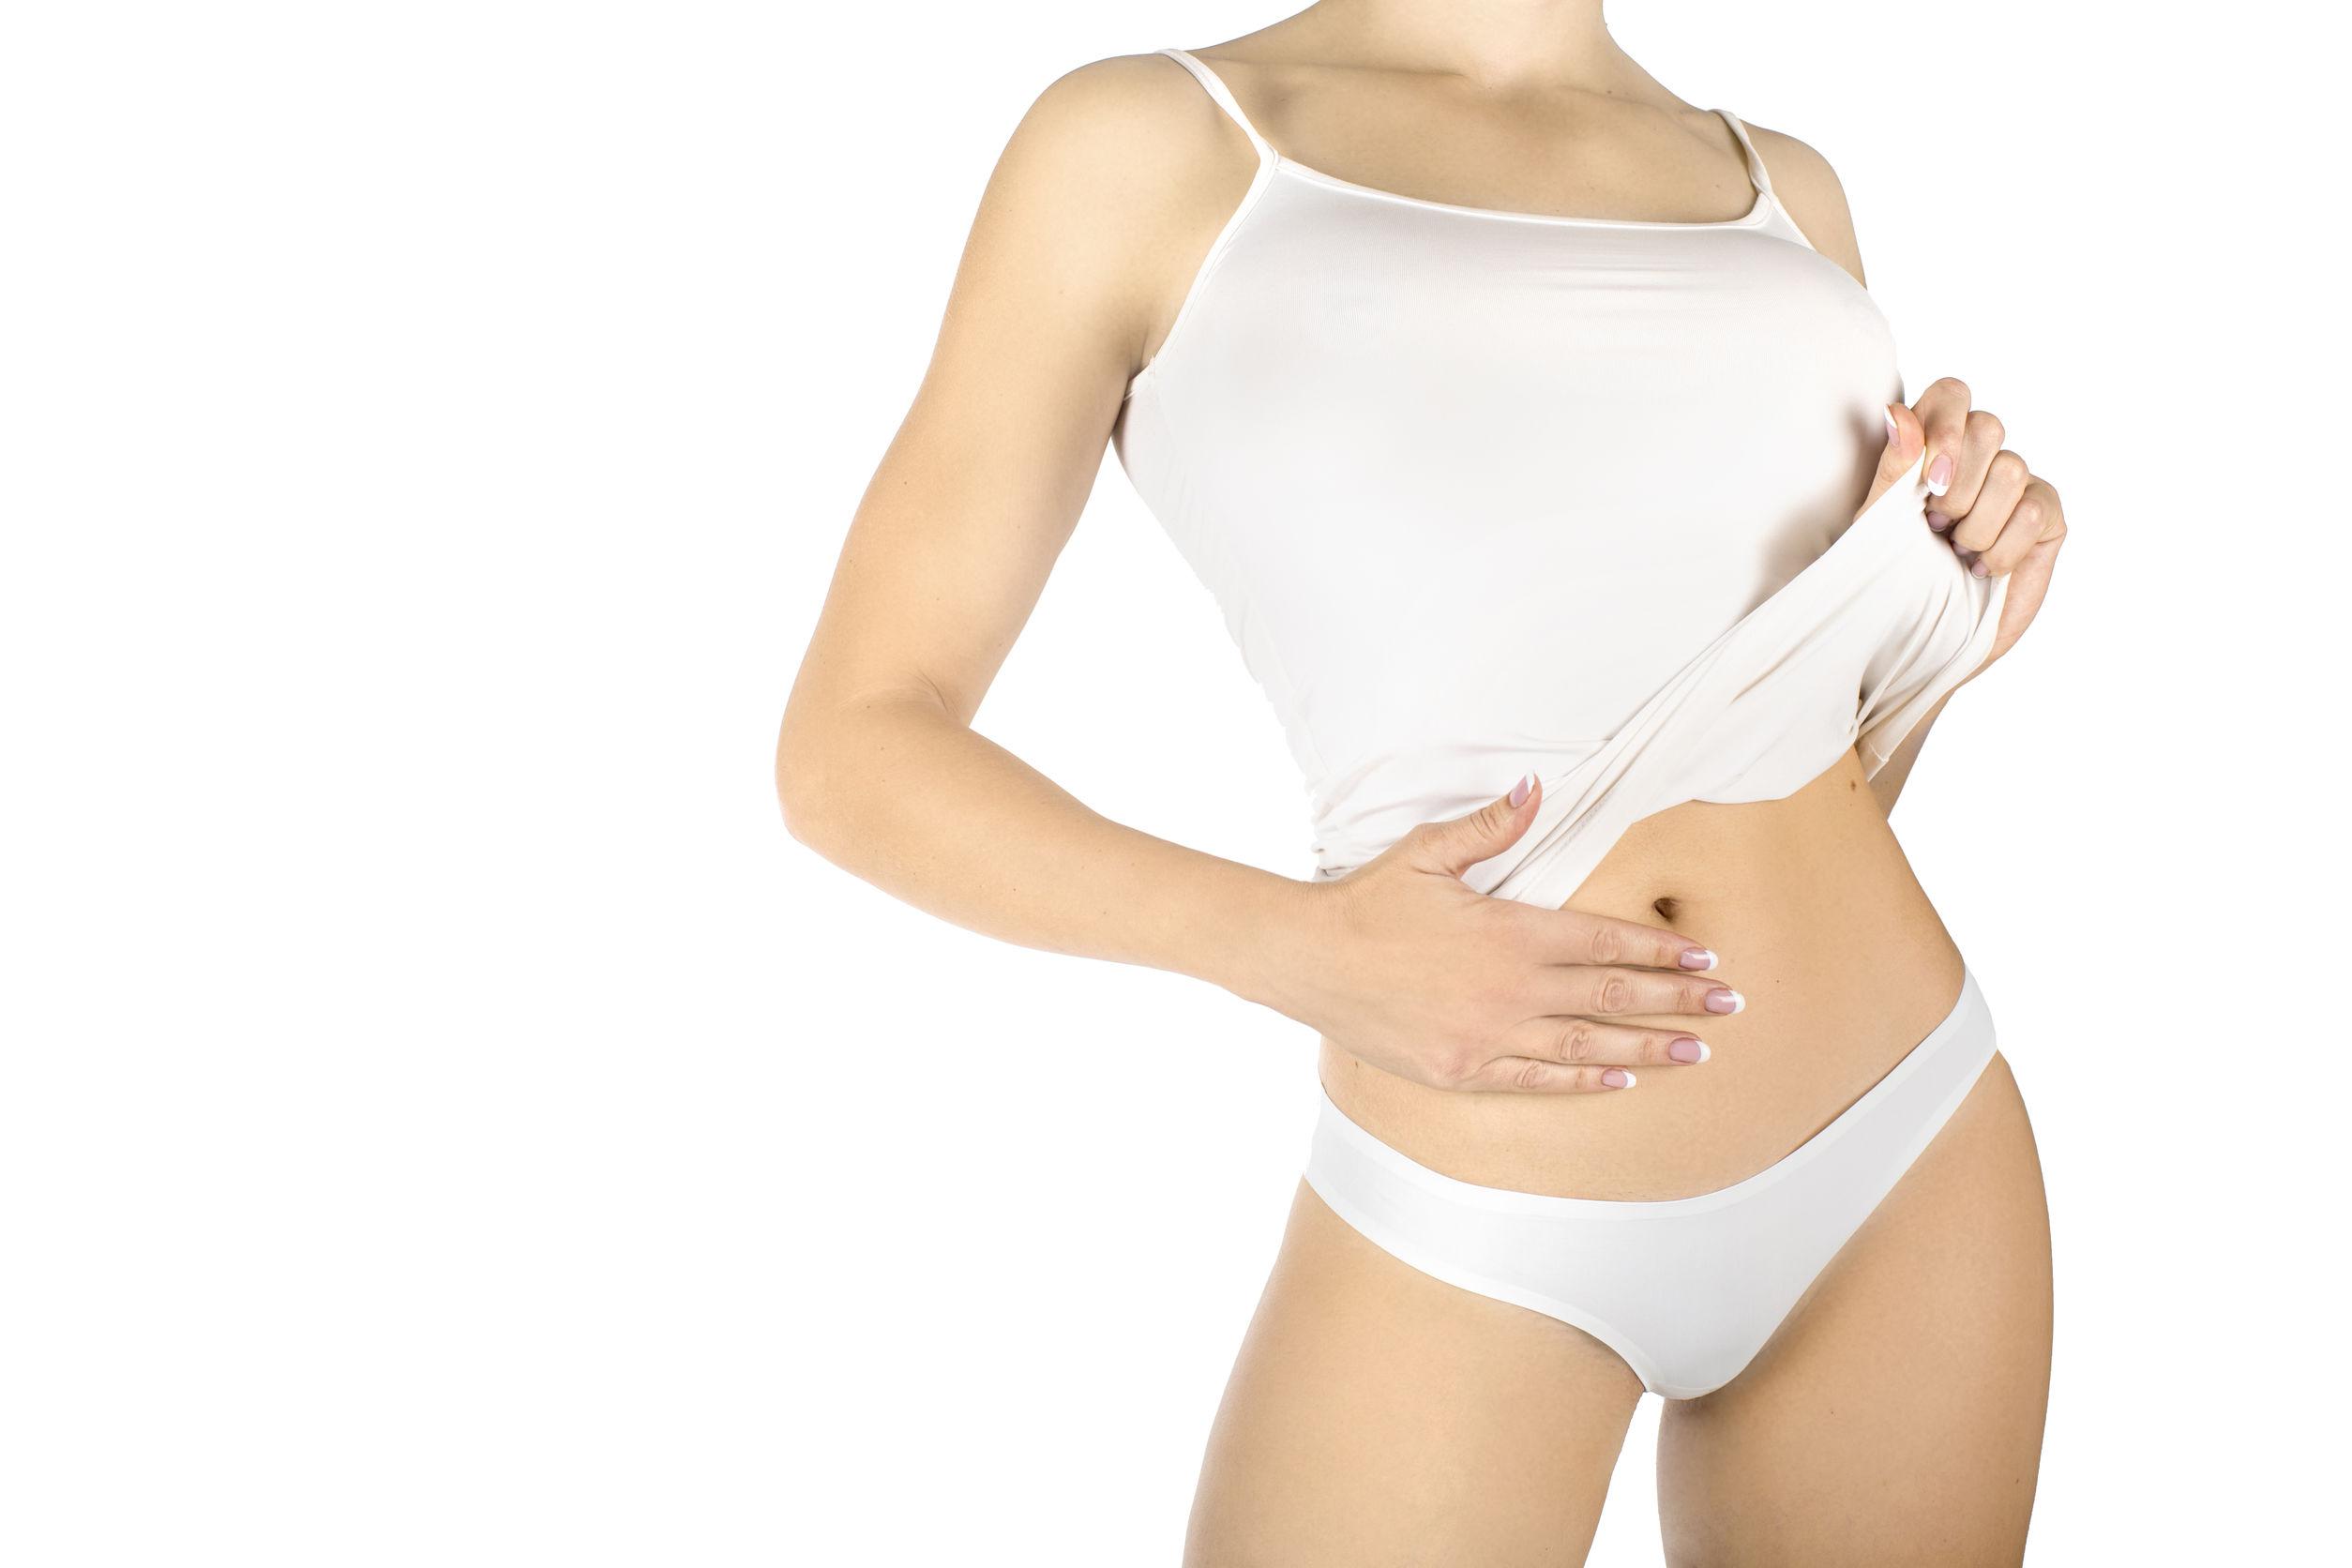 Липосакция Body Tite – эффективная и безопасная коррекция фигуры